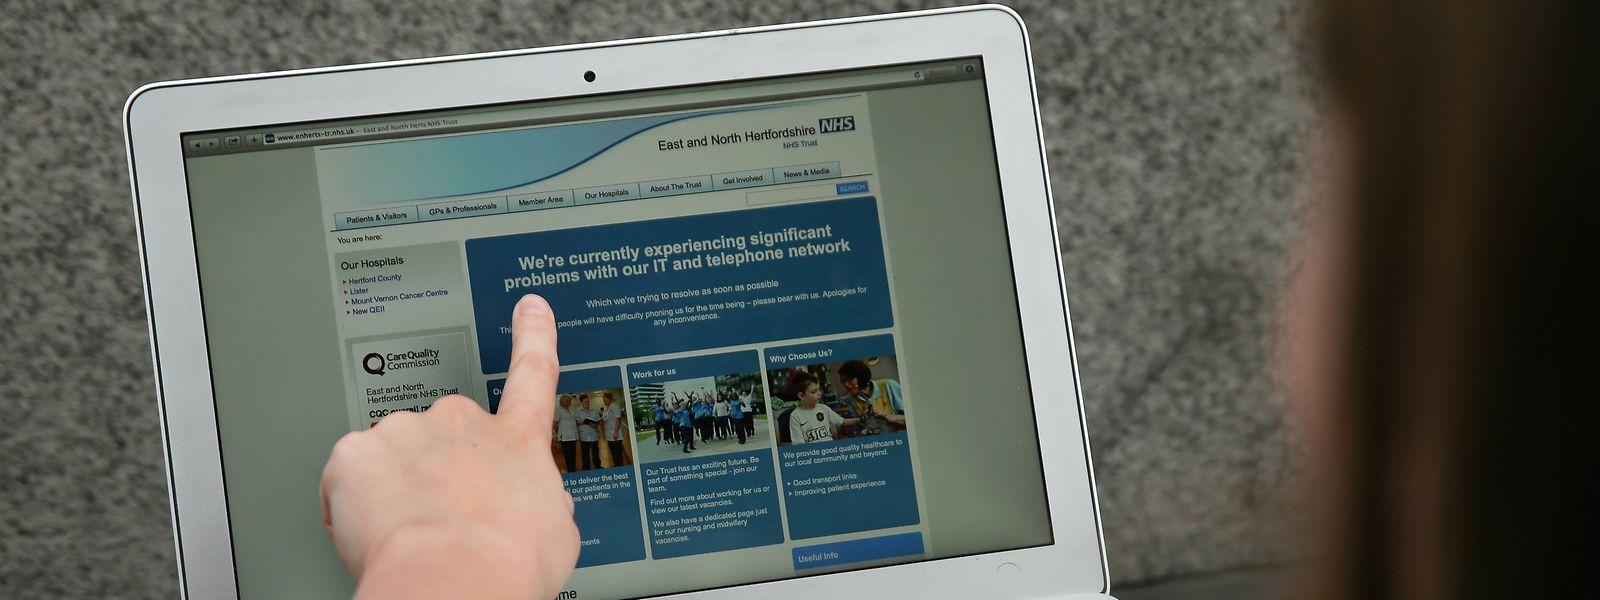 Zahlreiche britische Krankenhäuser hatten mit der Cyberattacke zu kämpfen.